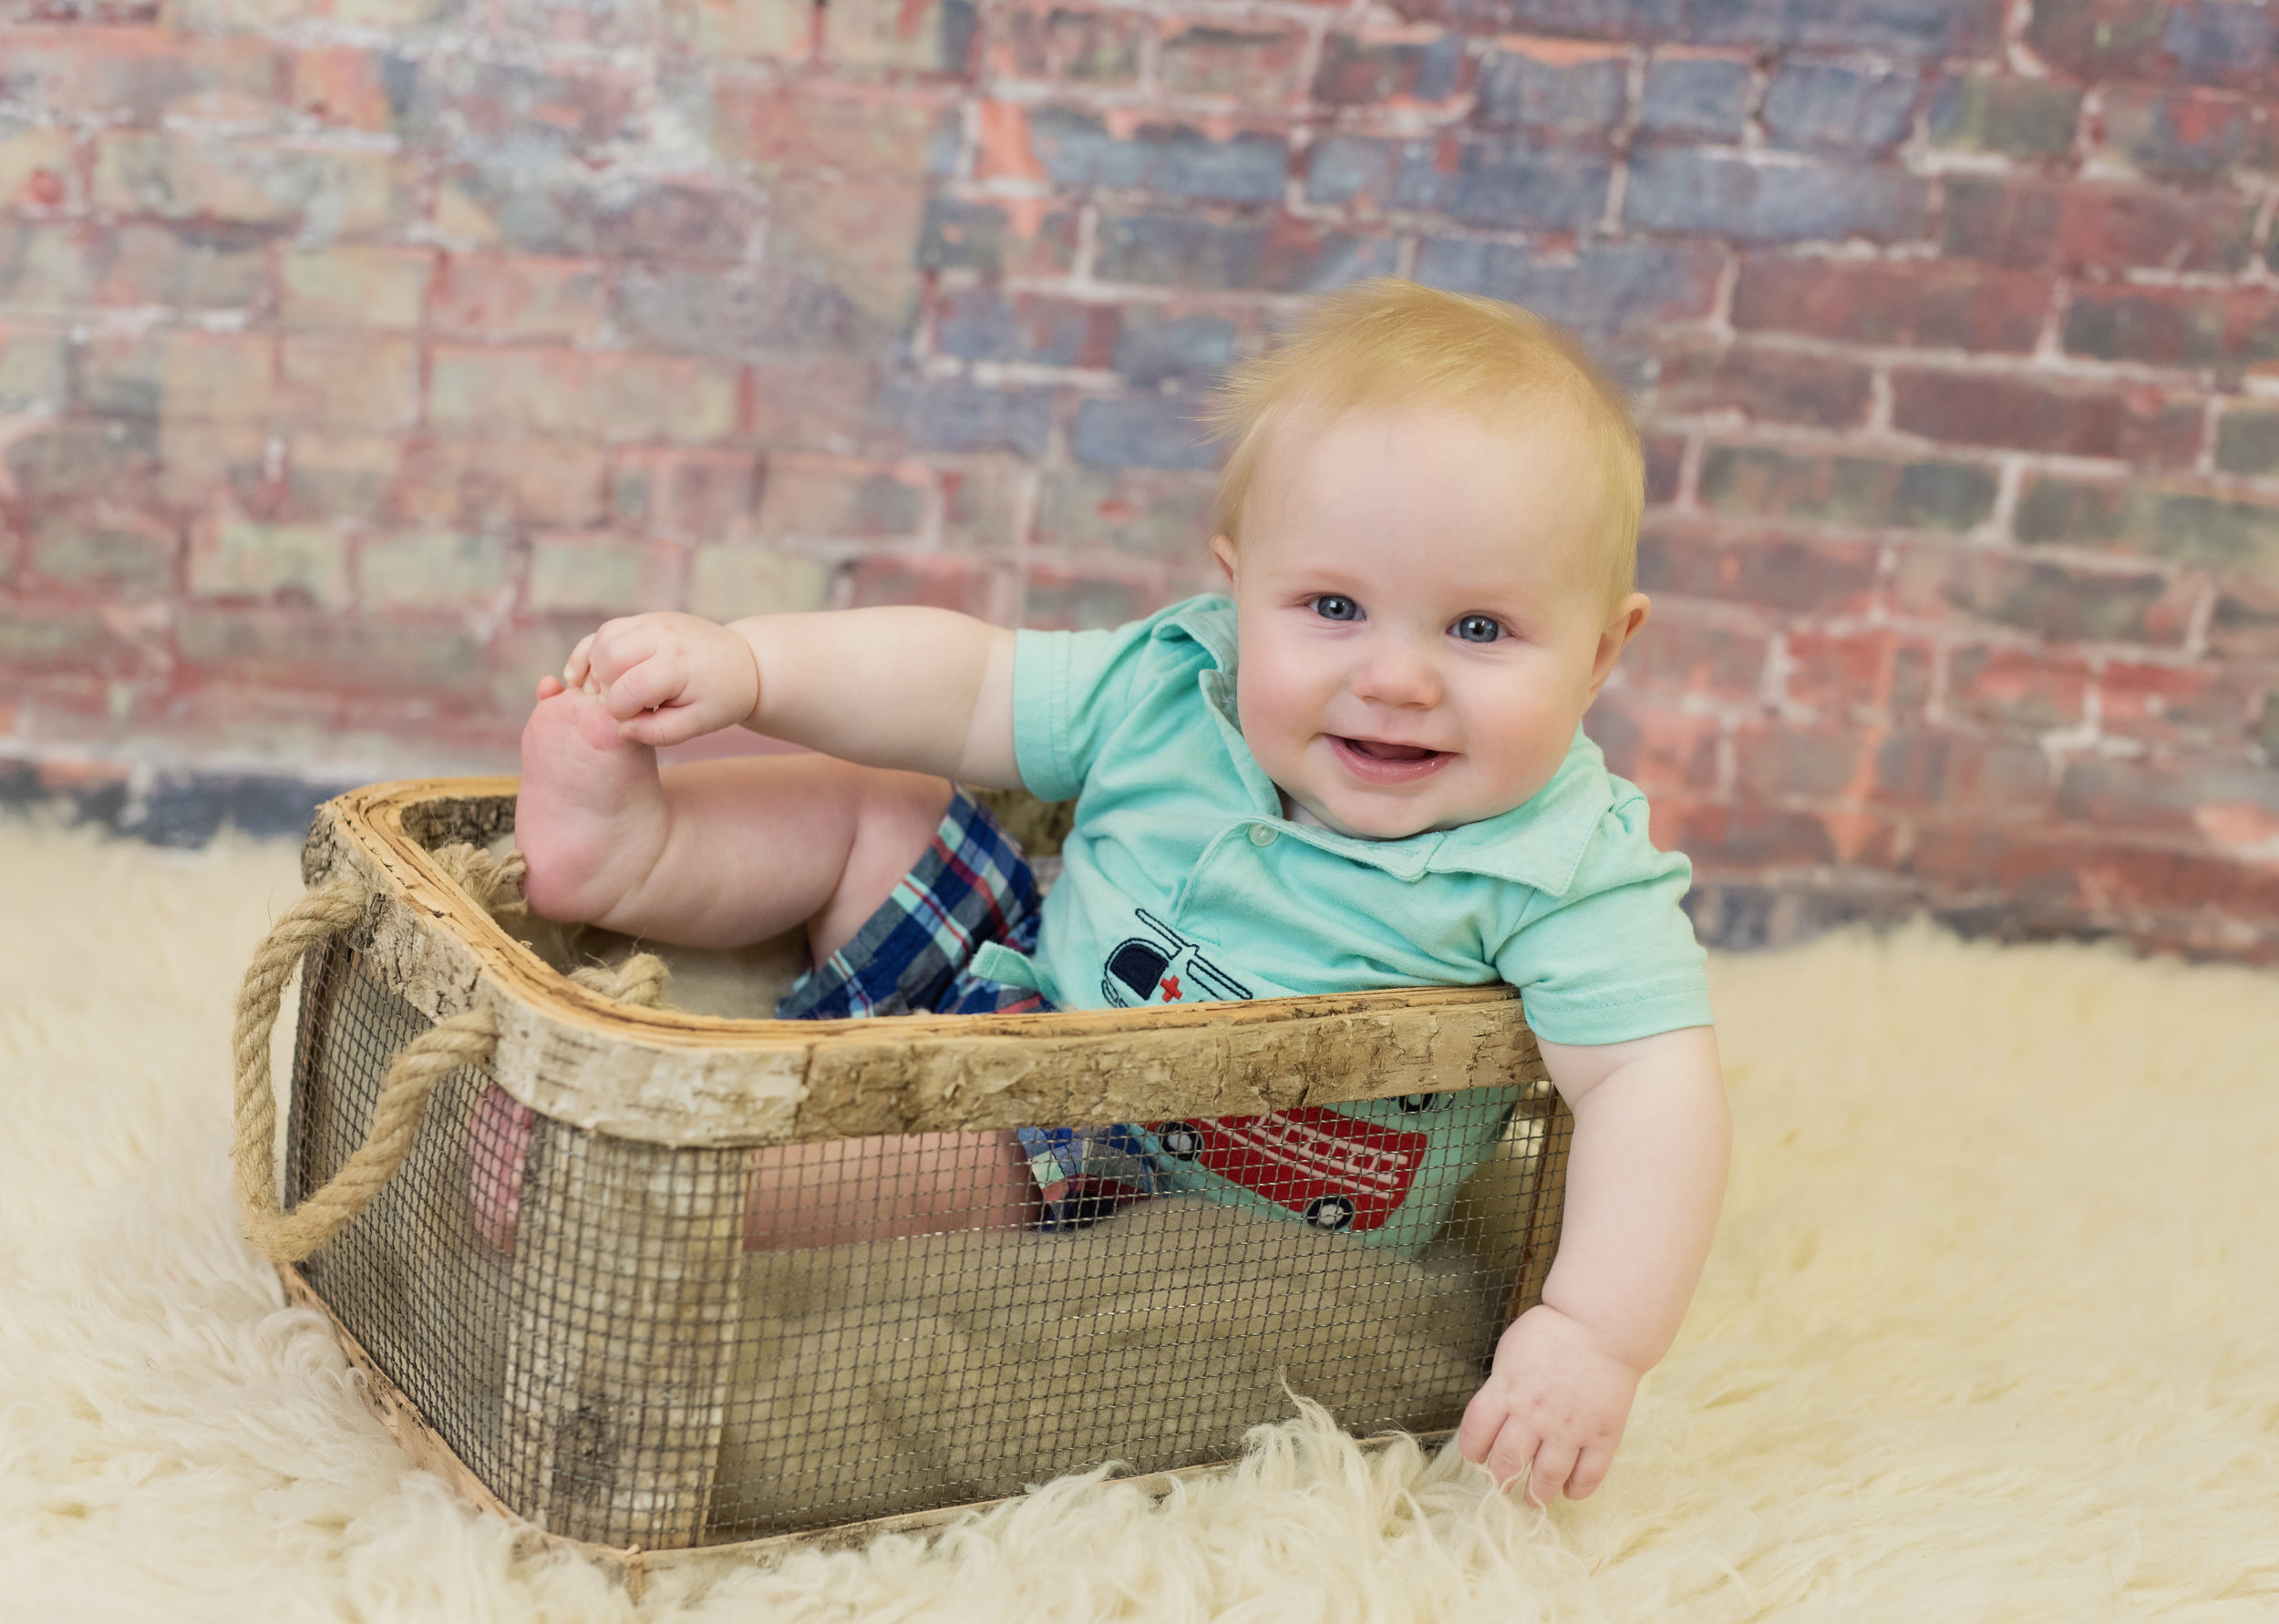 6 months old photos boy